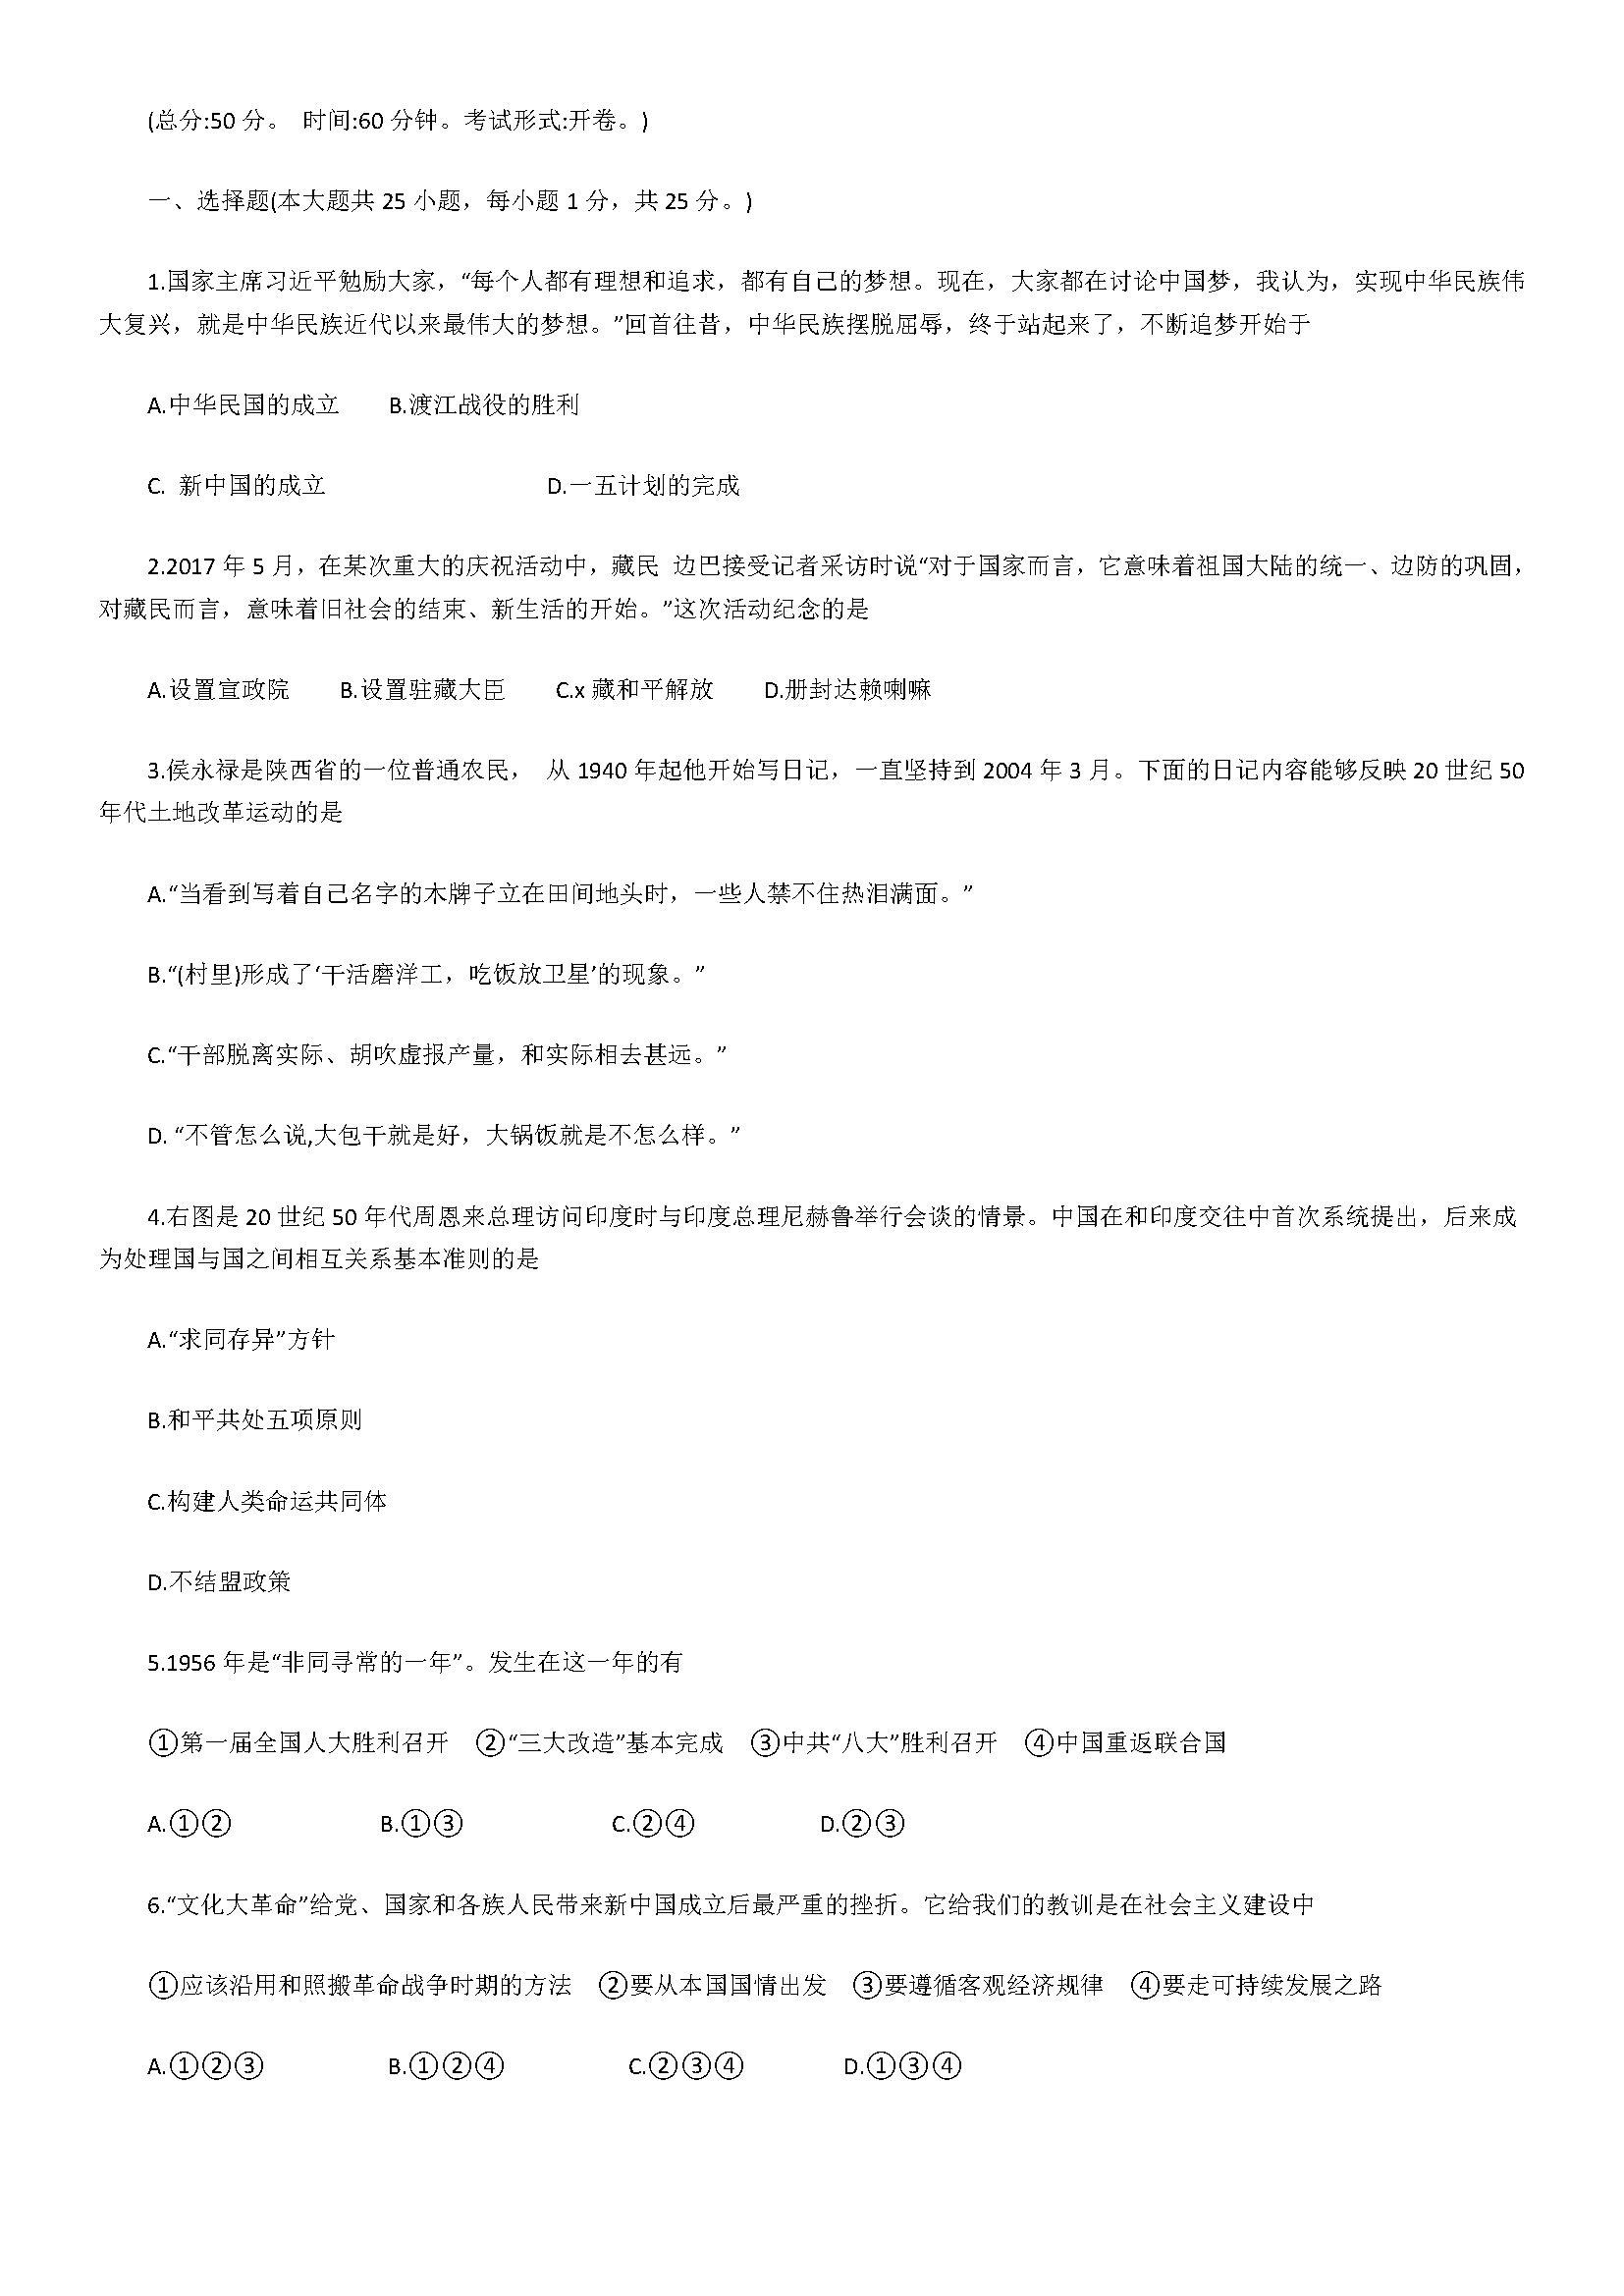 新人教版2018八年级历史下册期末测试题含答案(江苏省高邮市)